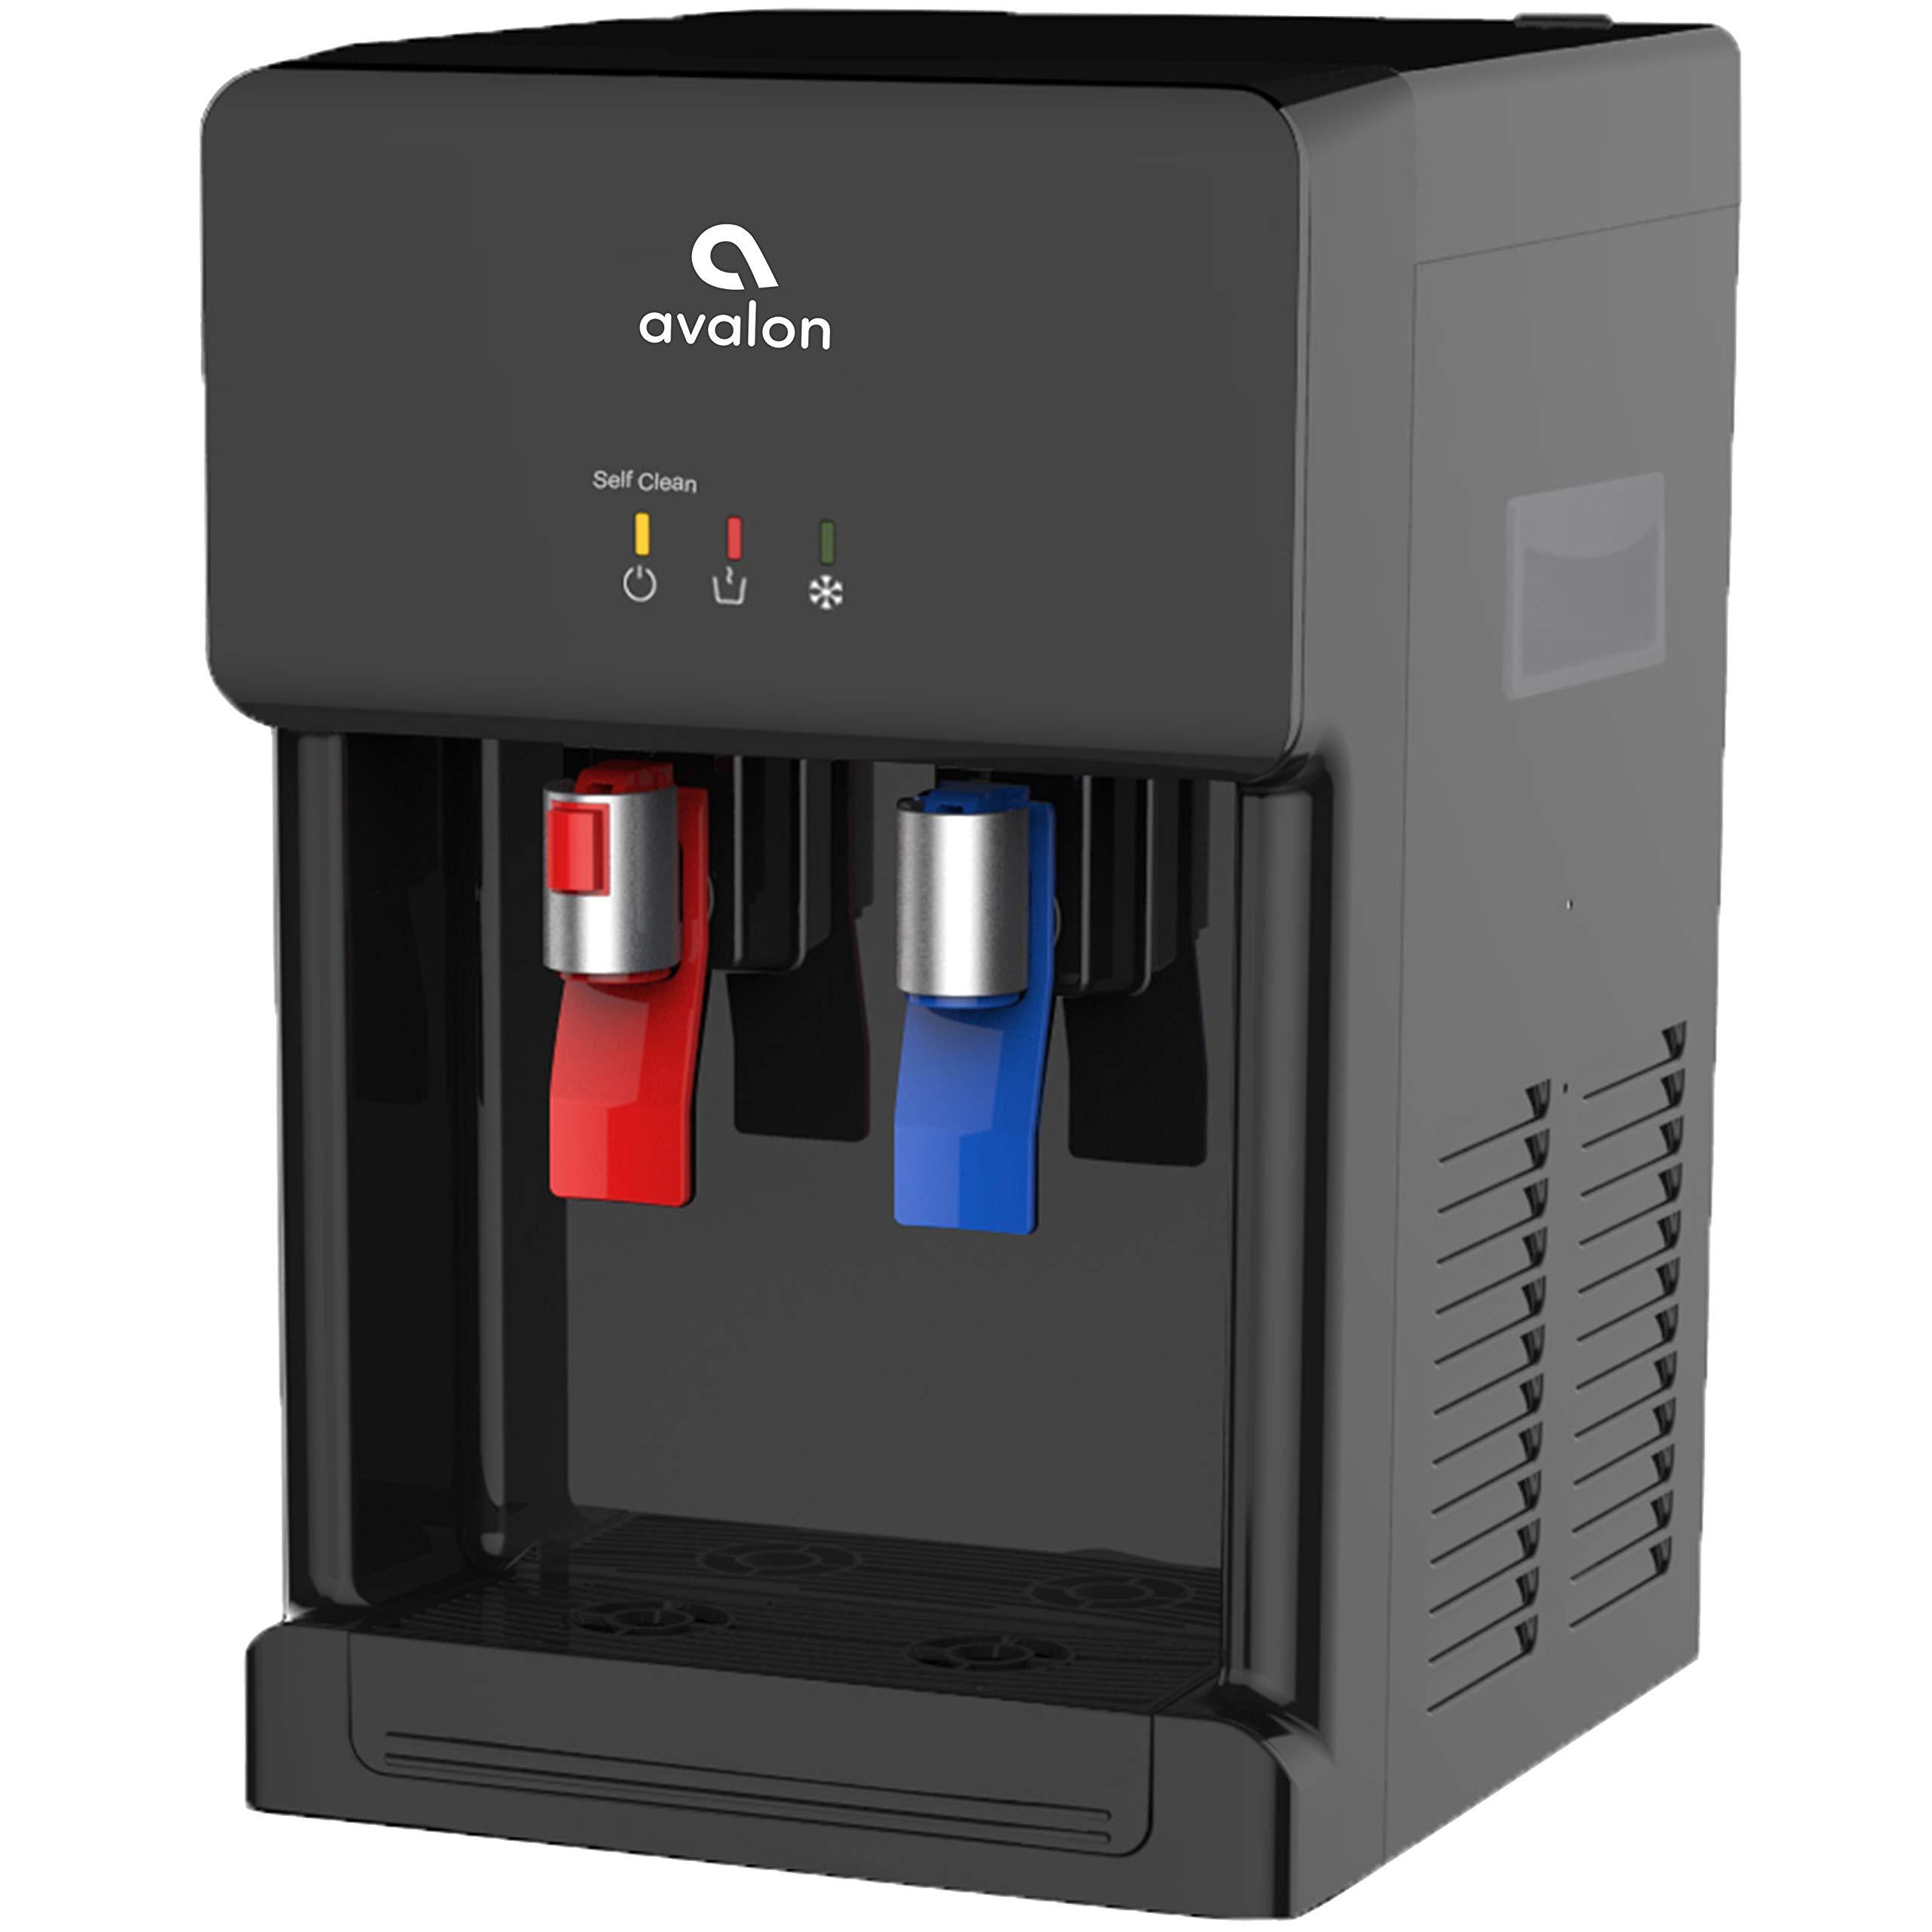 Avalon Countertop Cleaning Bottleless Dispenser